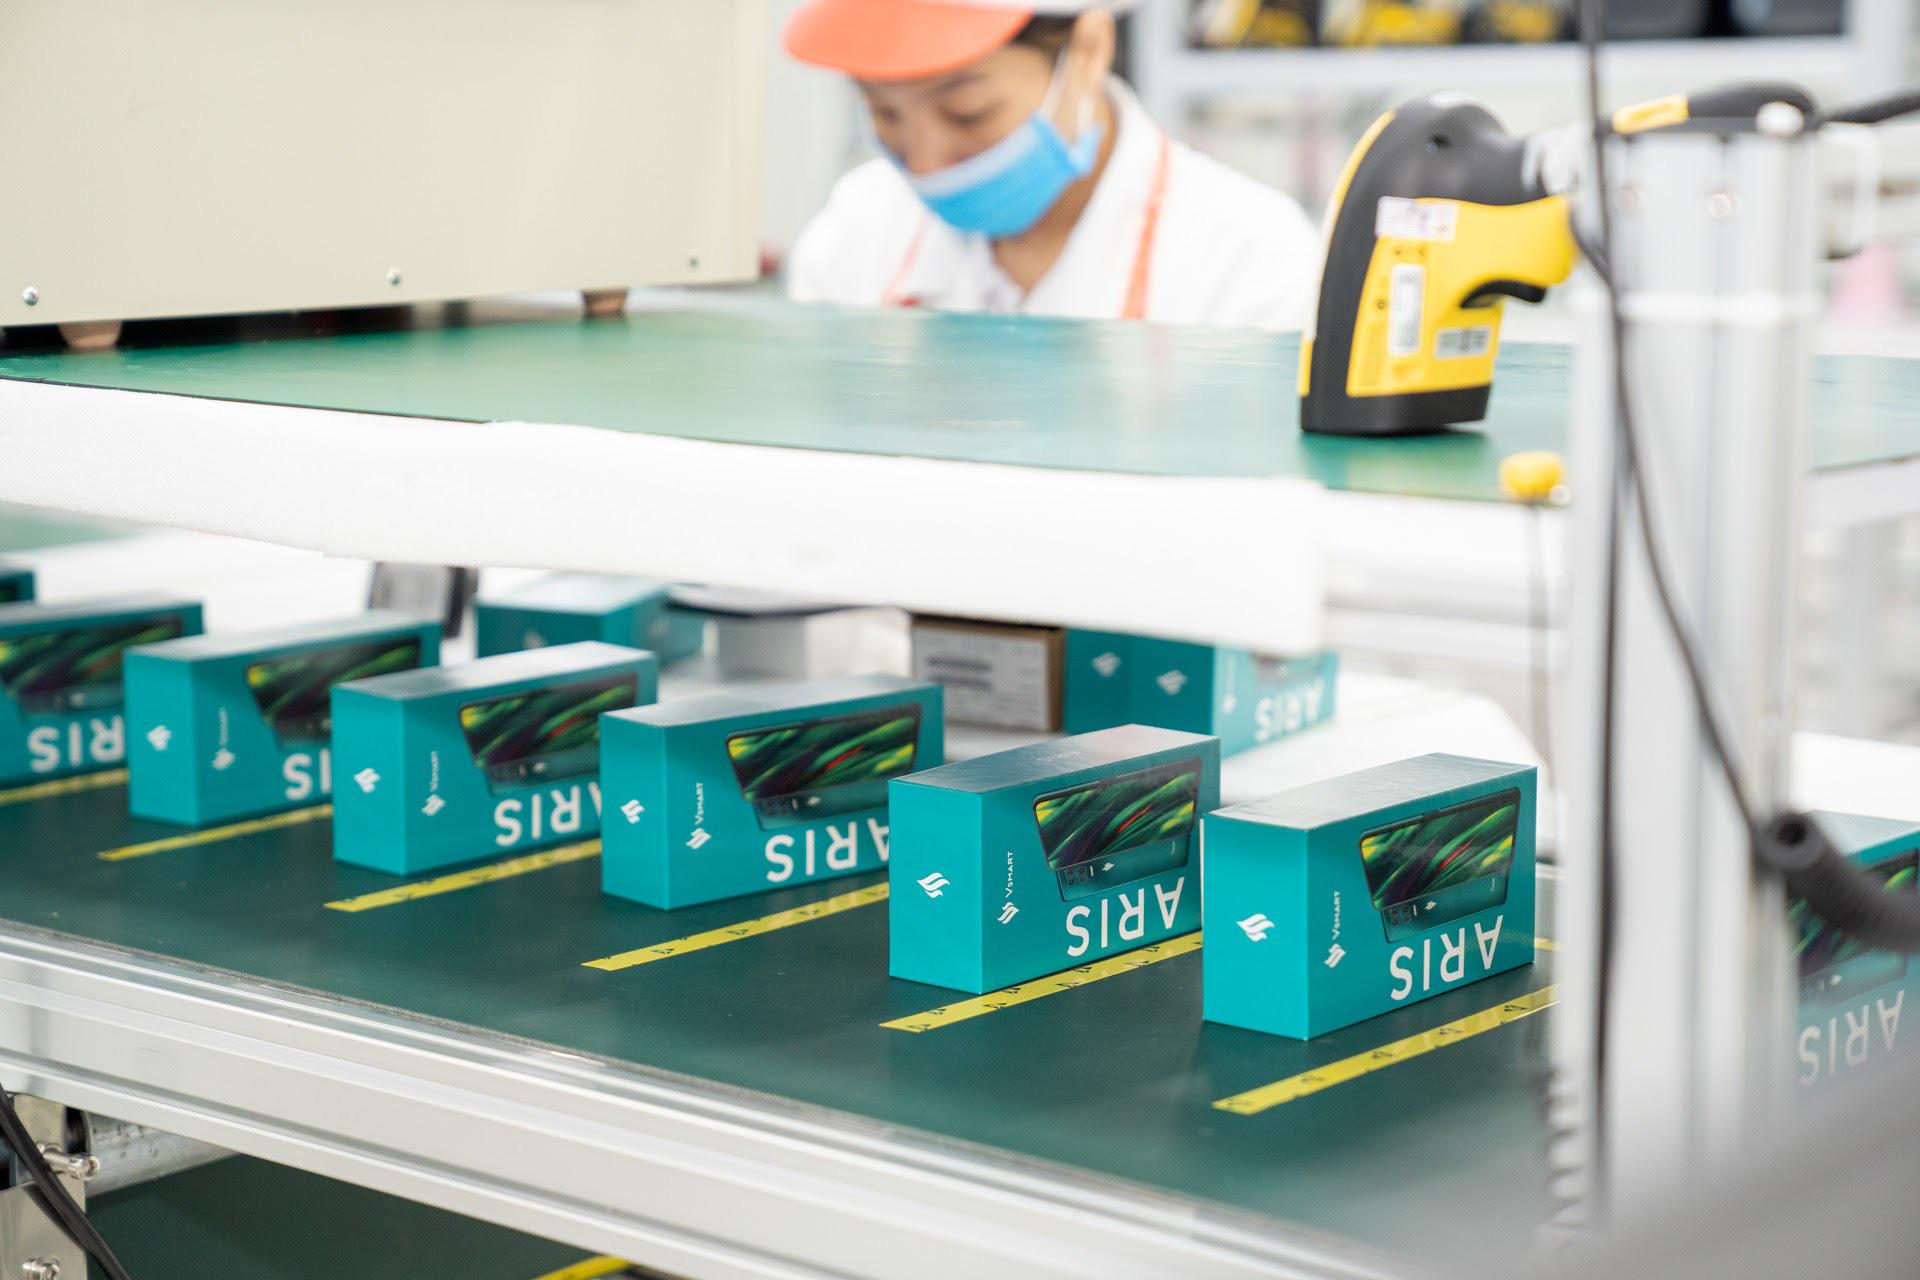 Lãnh đạo VinSmart tiết lộ kế hoạch mang nhiều sản phẩm flagship sang Mỹ - Ảnh 1.